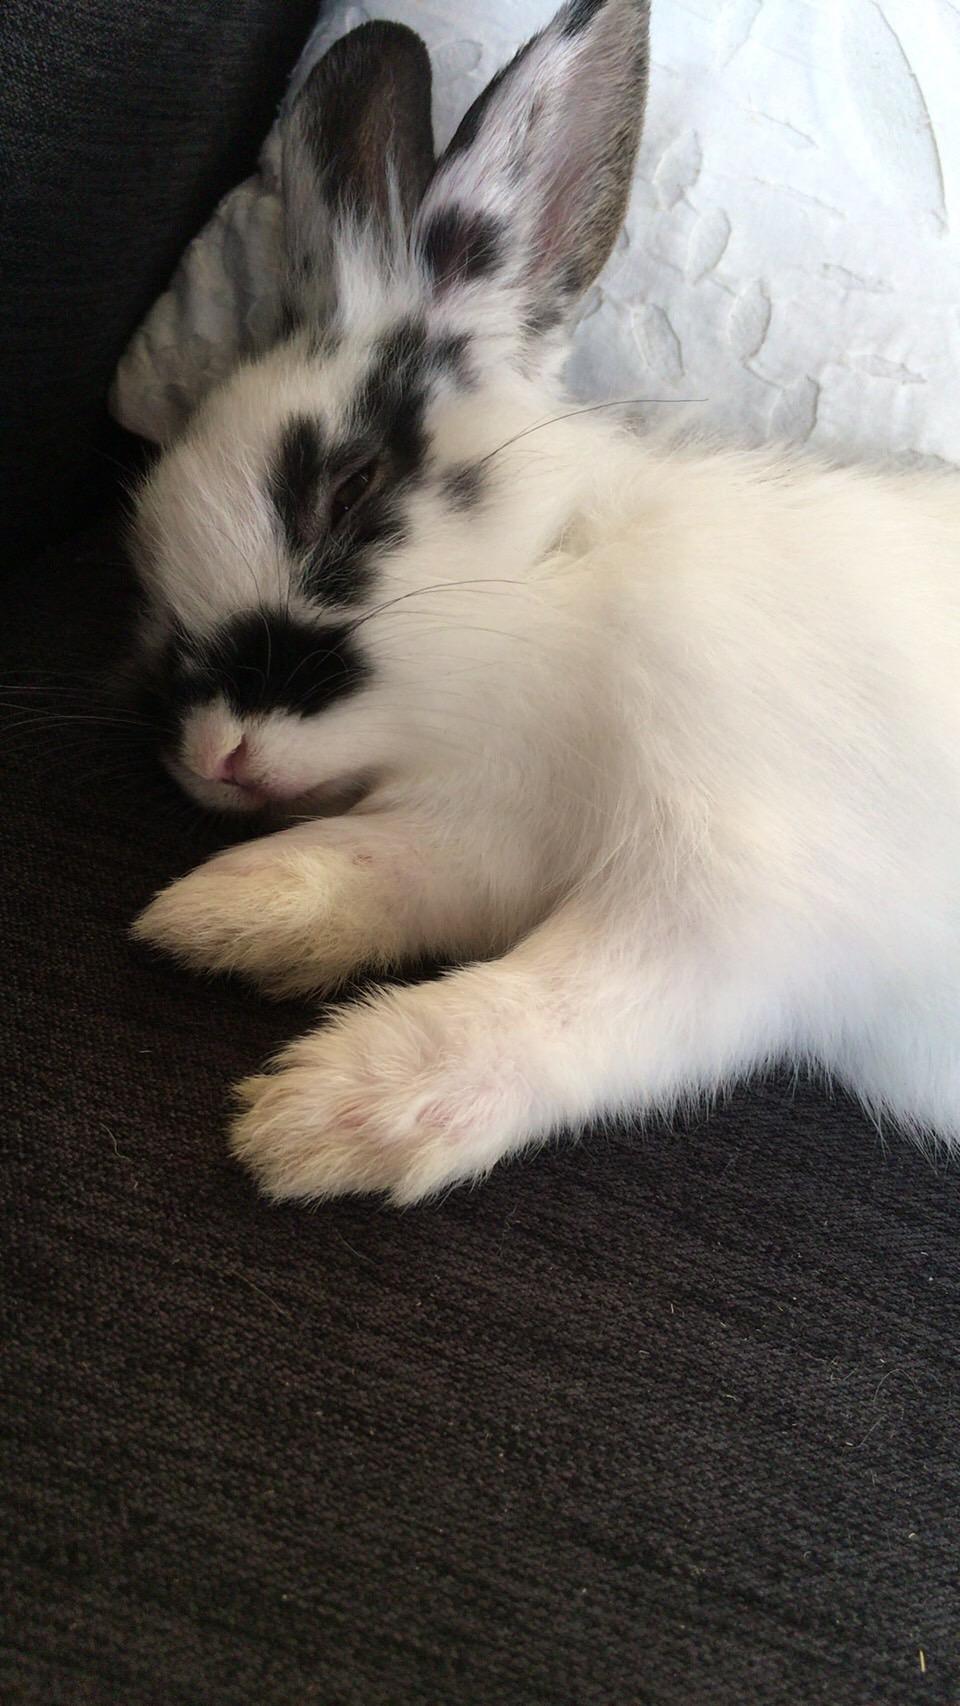 ウサギのぴょん吉_c0000759_13592634.jpg